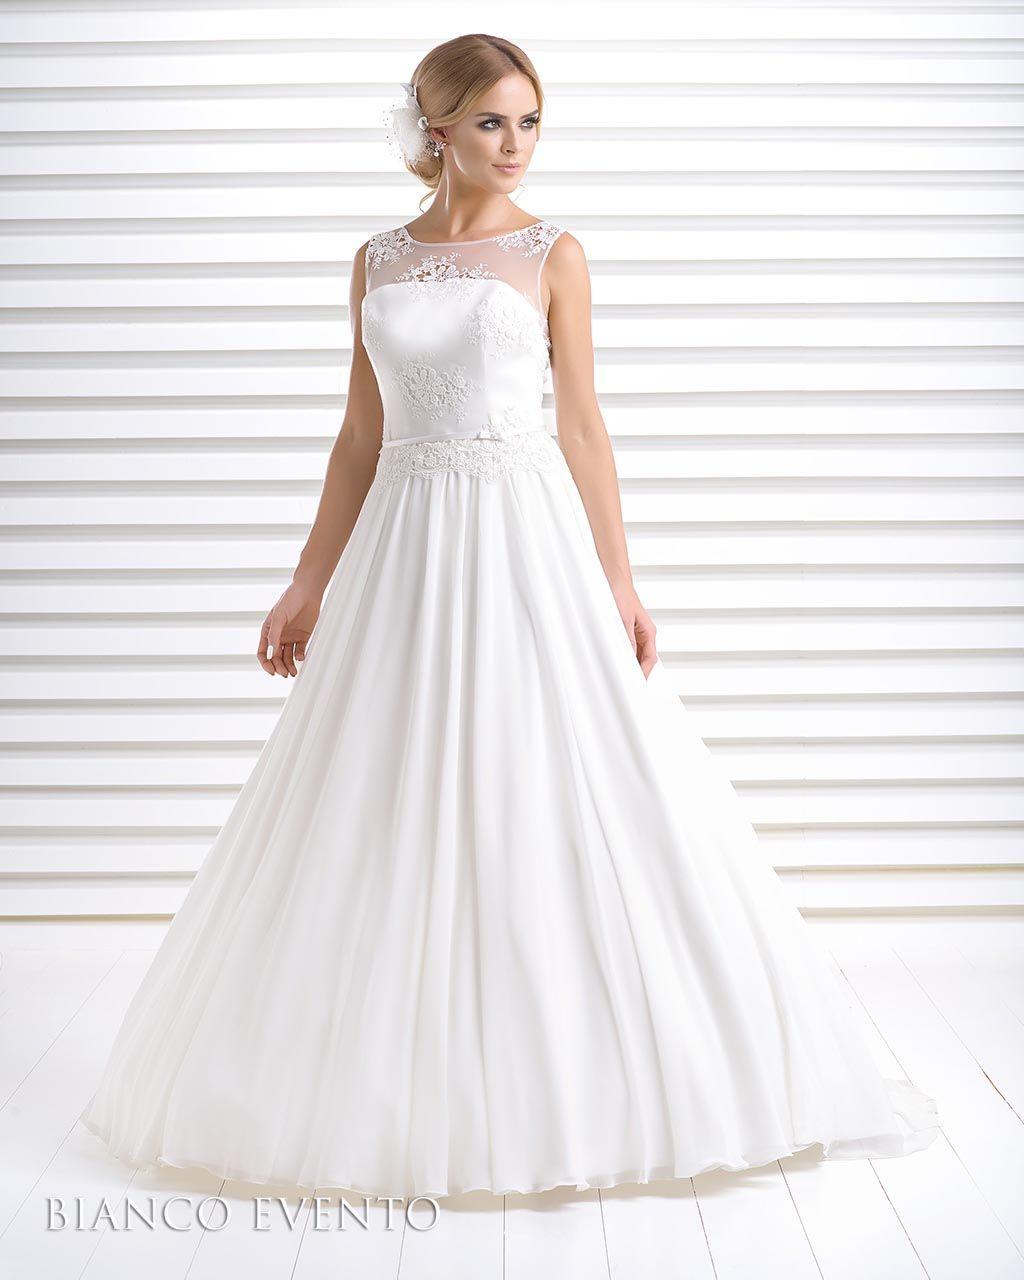 Brautkleider Unter 1000 Euro Marry4love Brautkleid Brautmode Und Hochzeitskleid Berlin Brautkleider Nach Mass Brautmode Brautkleid Kleid Hochzeit